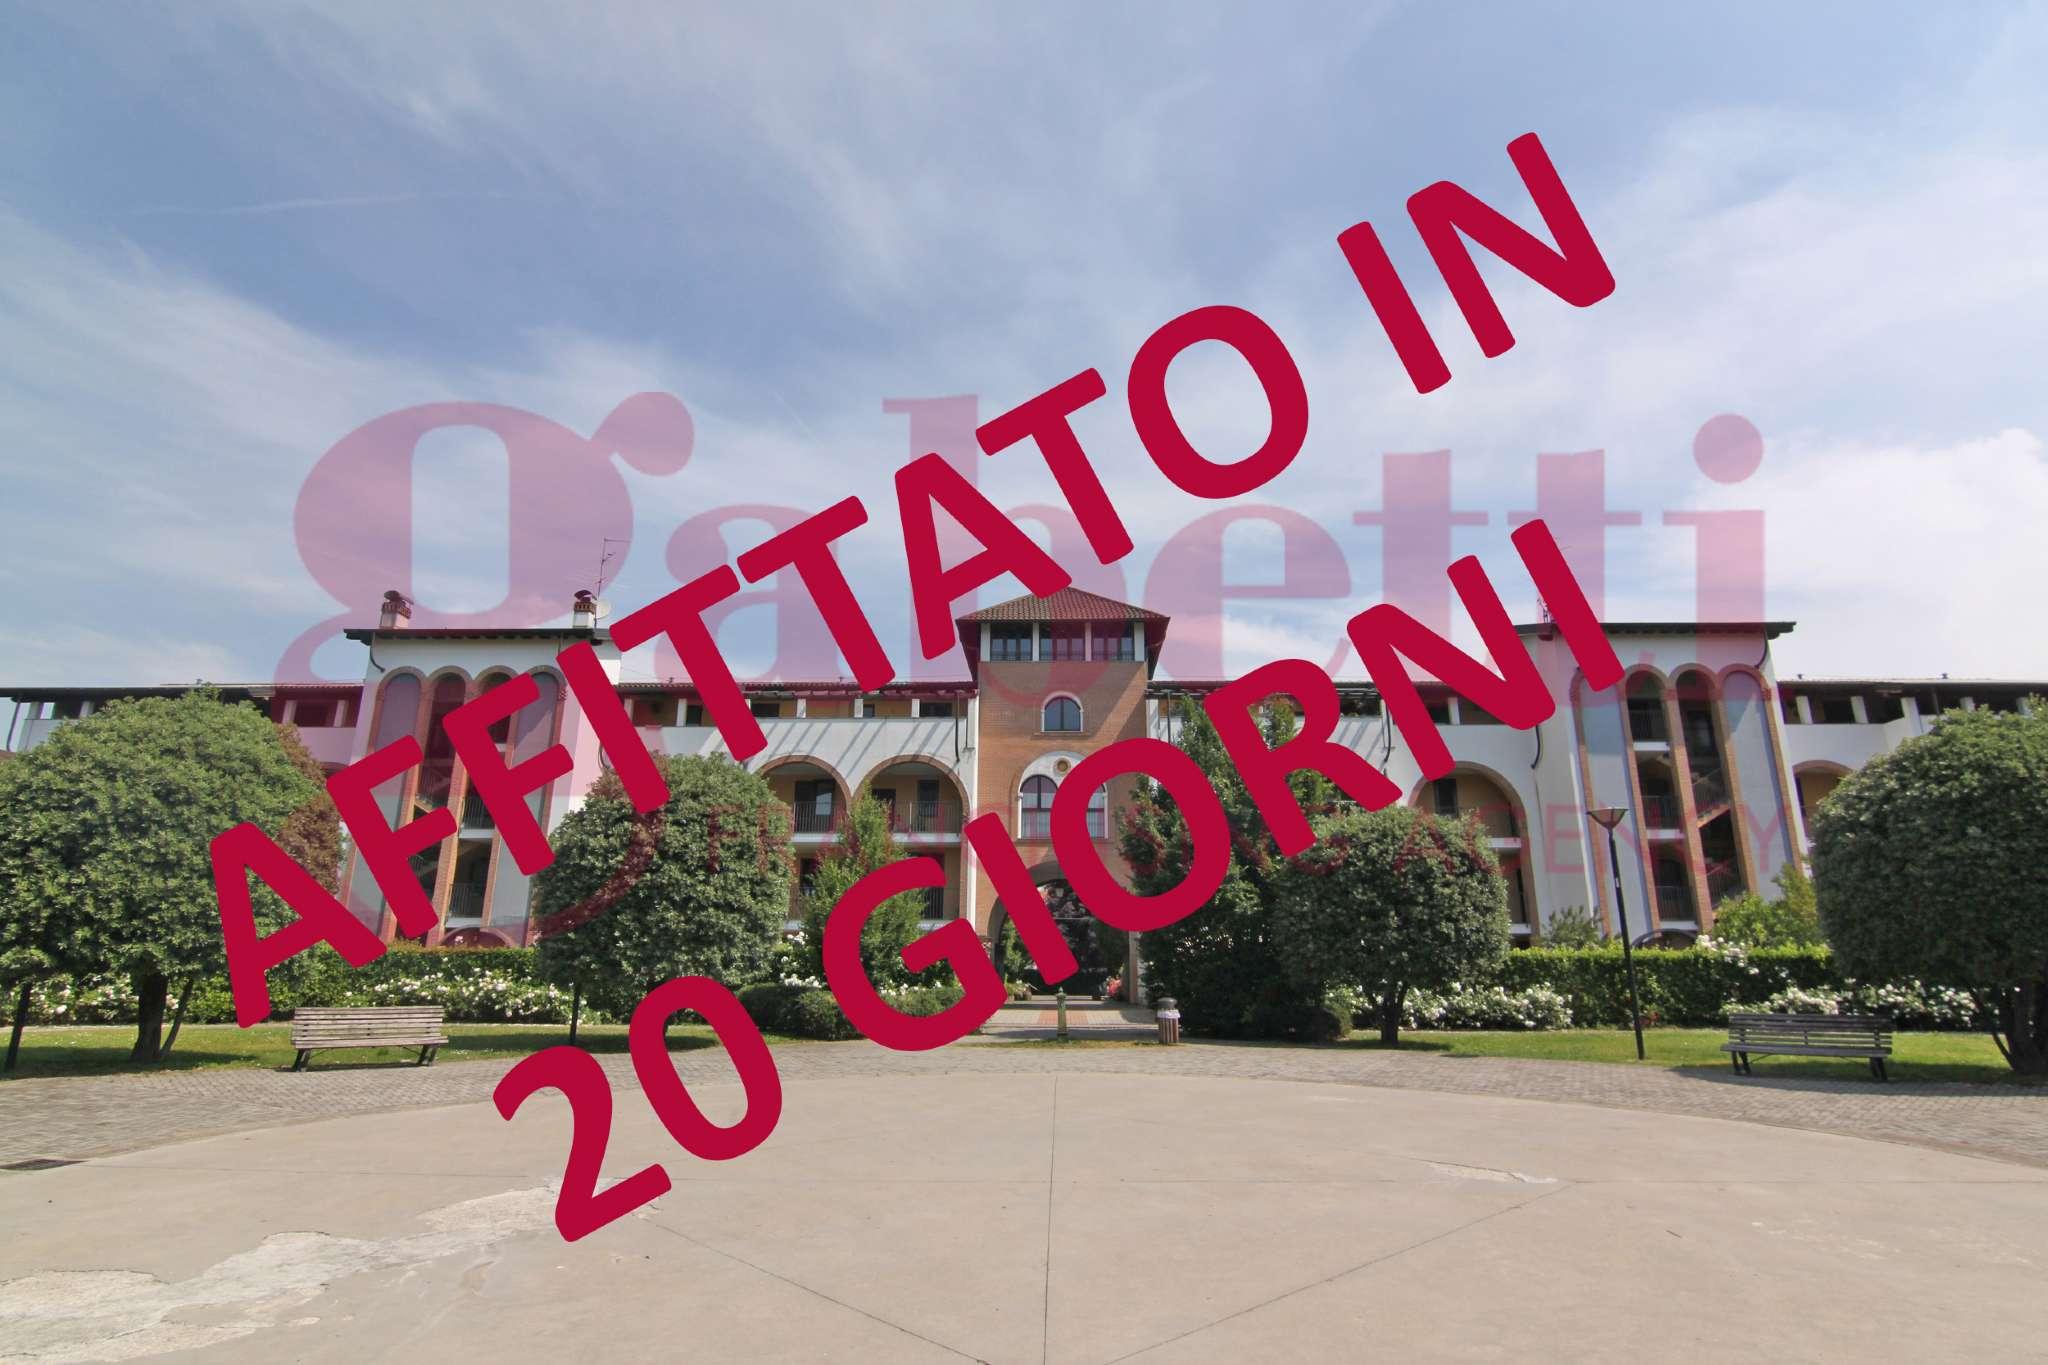 Appartamento in vendita a Lonate Pozzolo, 1 locali, prezzo € 40.000 | CambioCasa.it